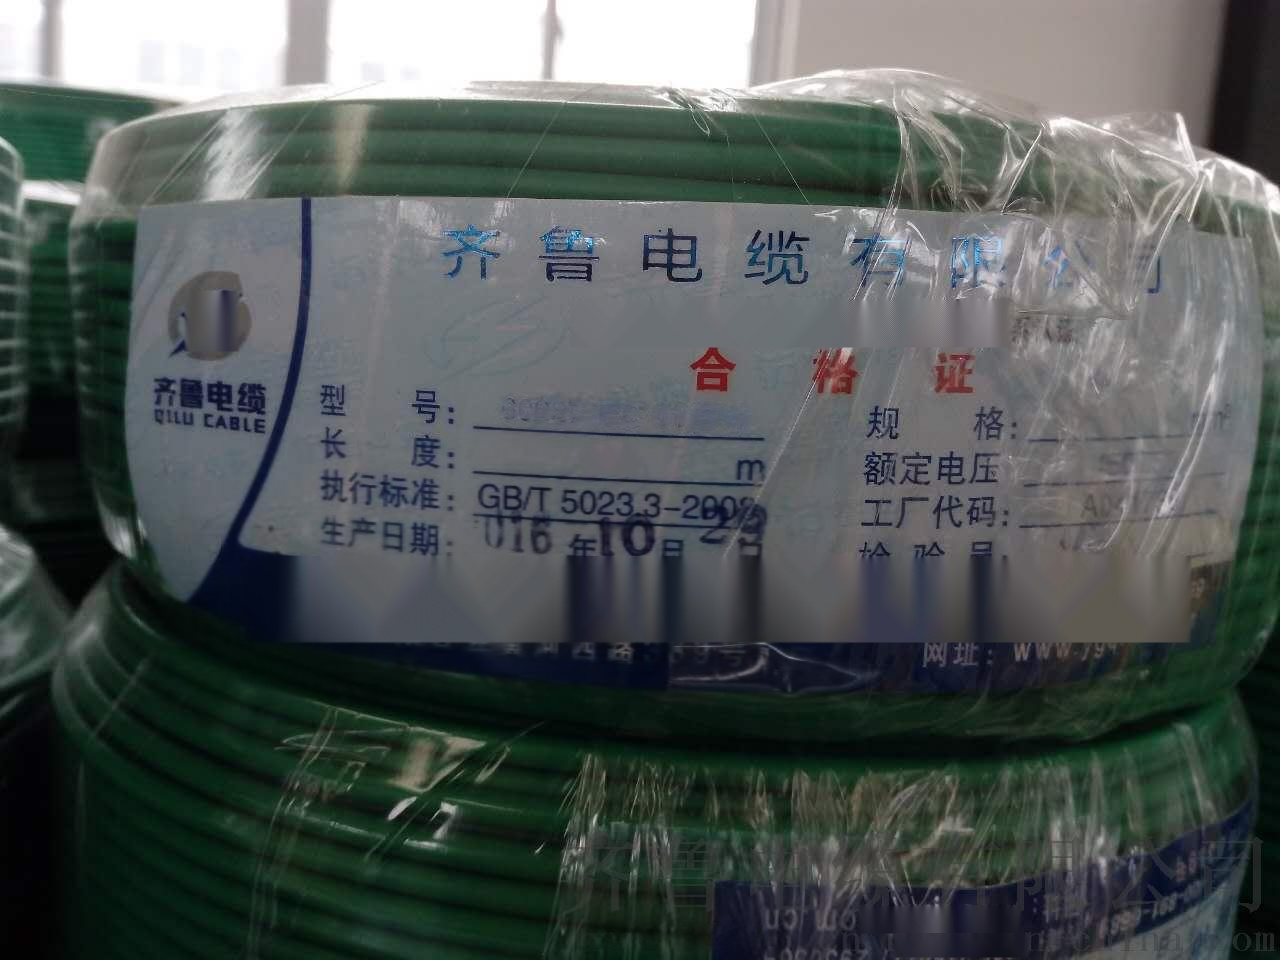 供应-1KV-WDZ-VV 3*50齐鲁电缆69640062